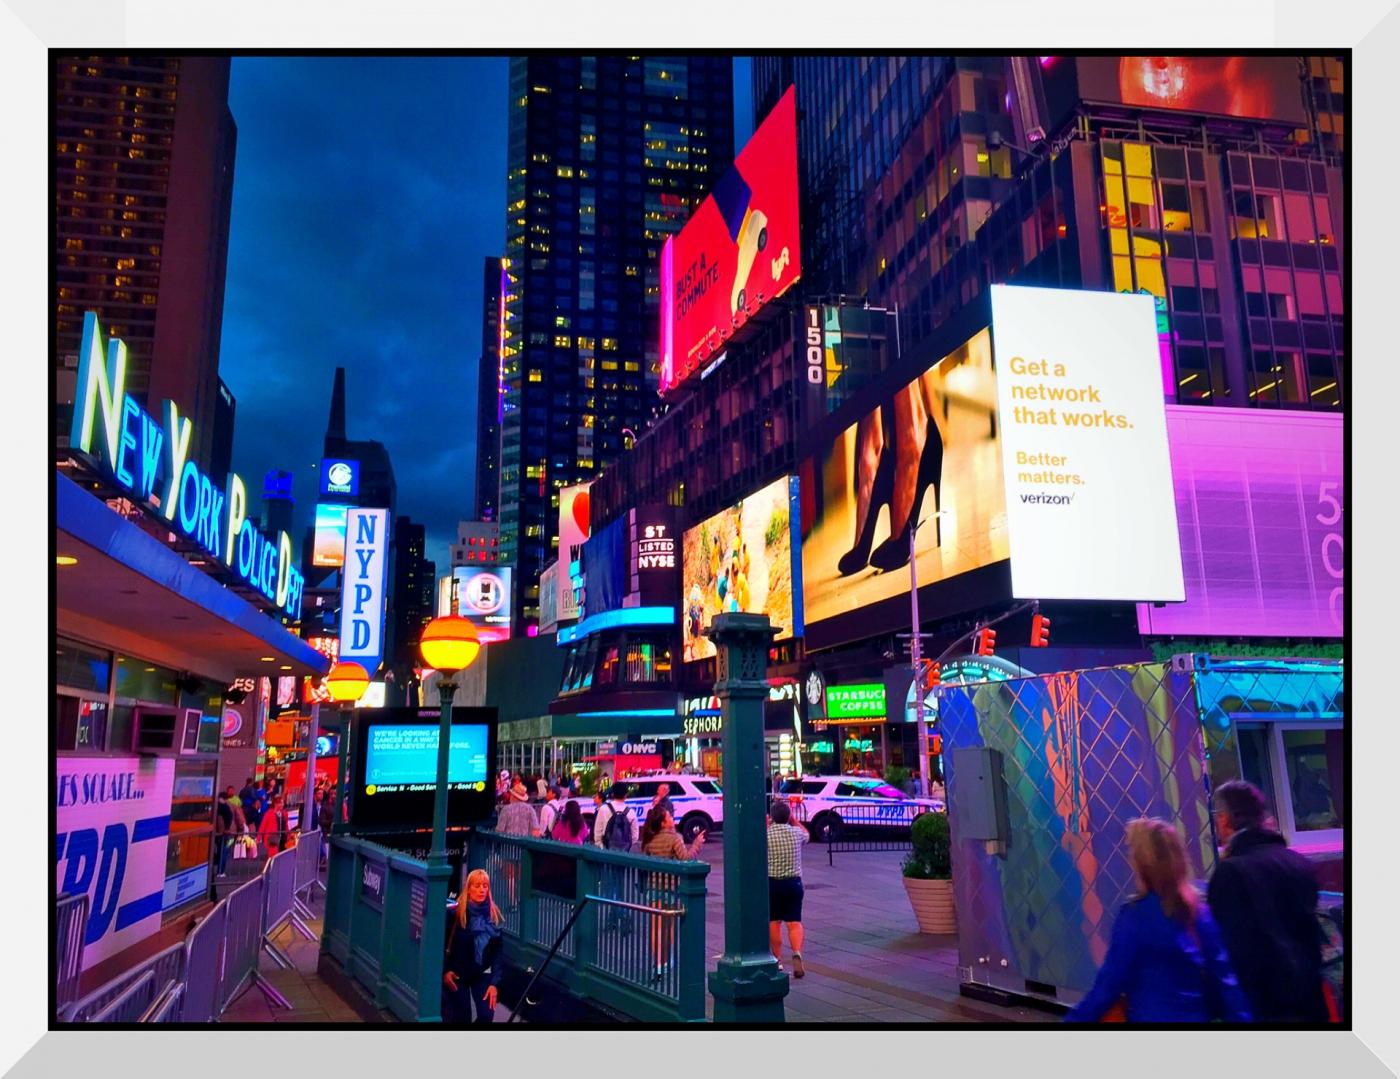 【盲流摄影】曼哈顿42街时报广场(手机扫街)_图1-21